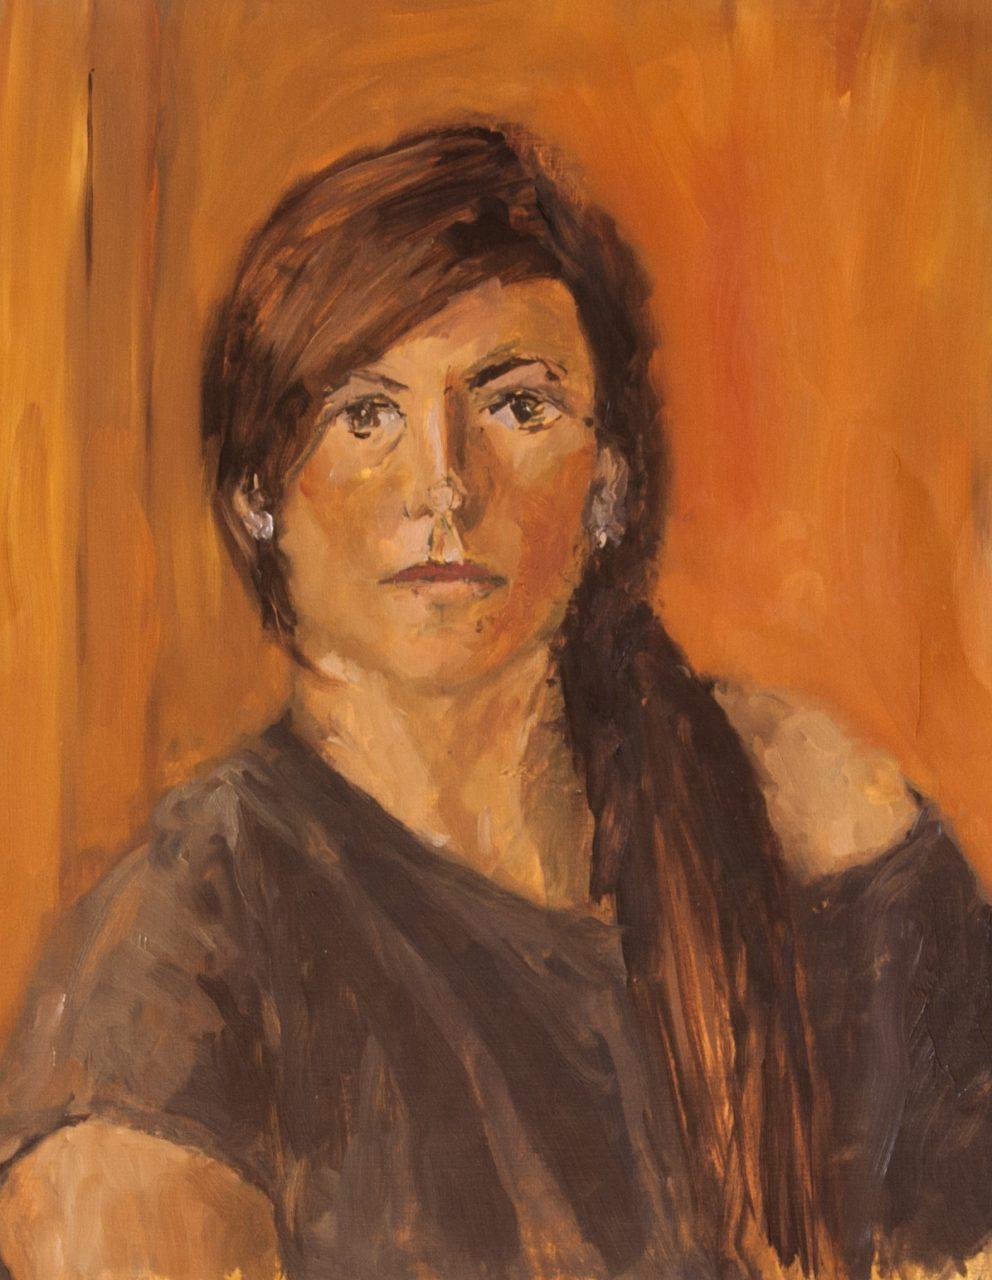 Martha 2012 olieverf op papier 65 x 50